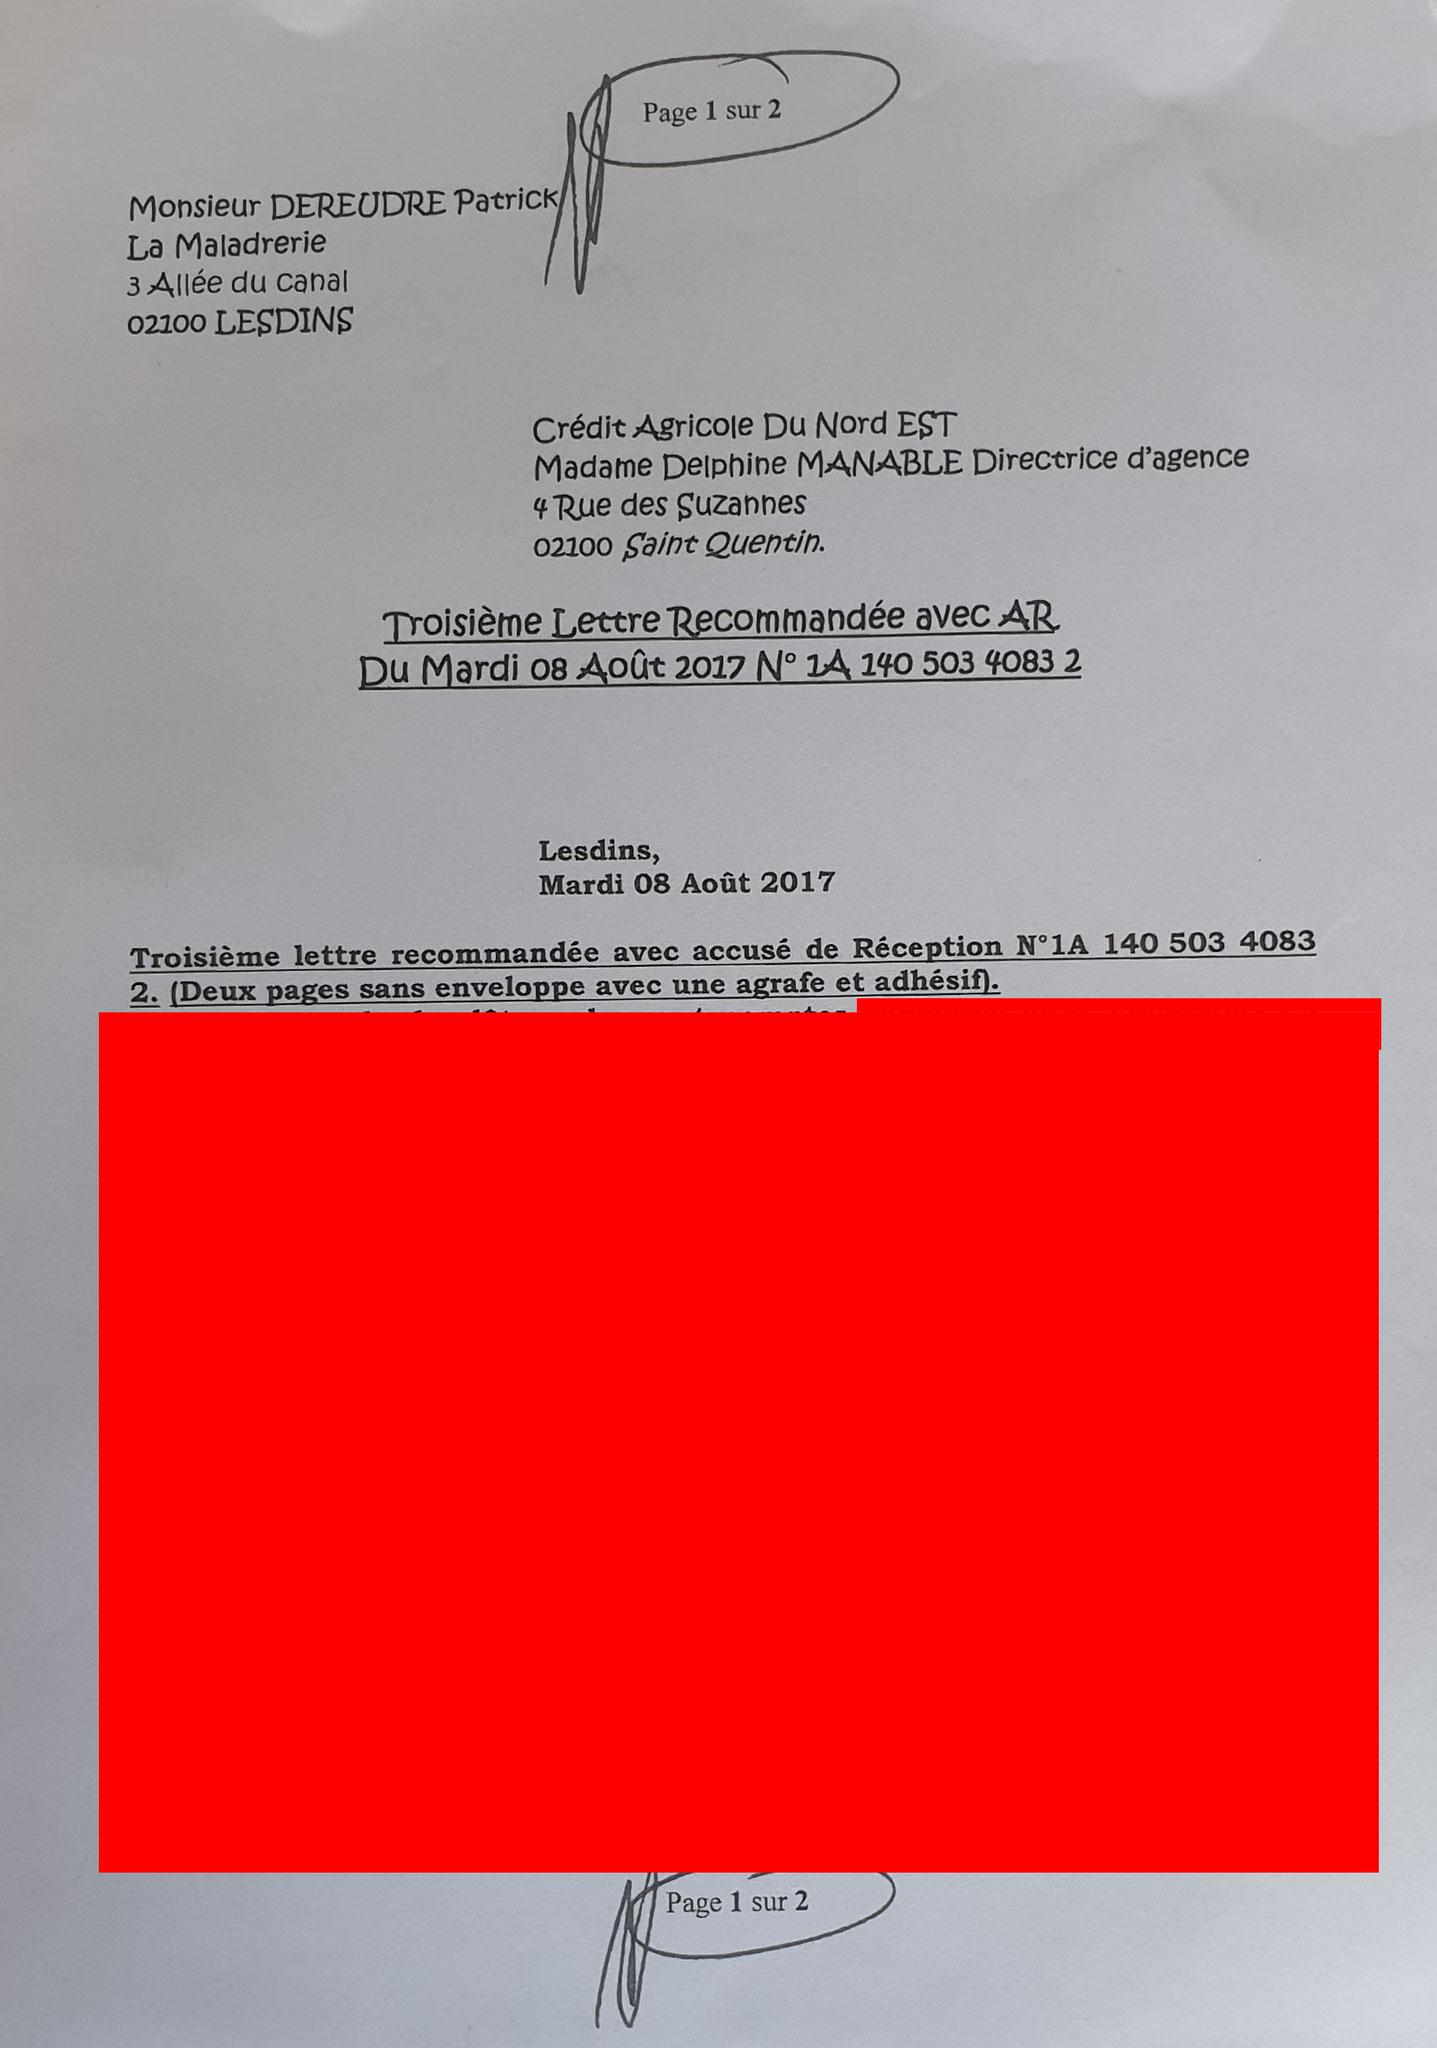 Ma troisième lettre recommandée du 08 Août 2017 N0 1A 140 503 4083 2 soit deux pages. www.jesuispatrick.fr